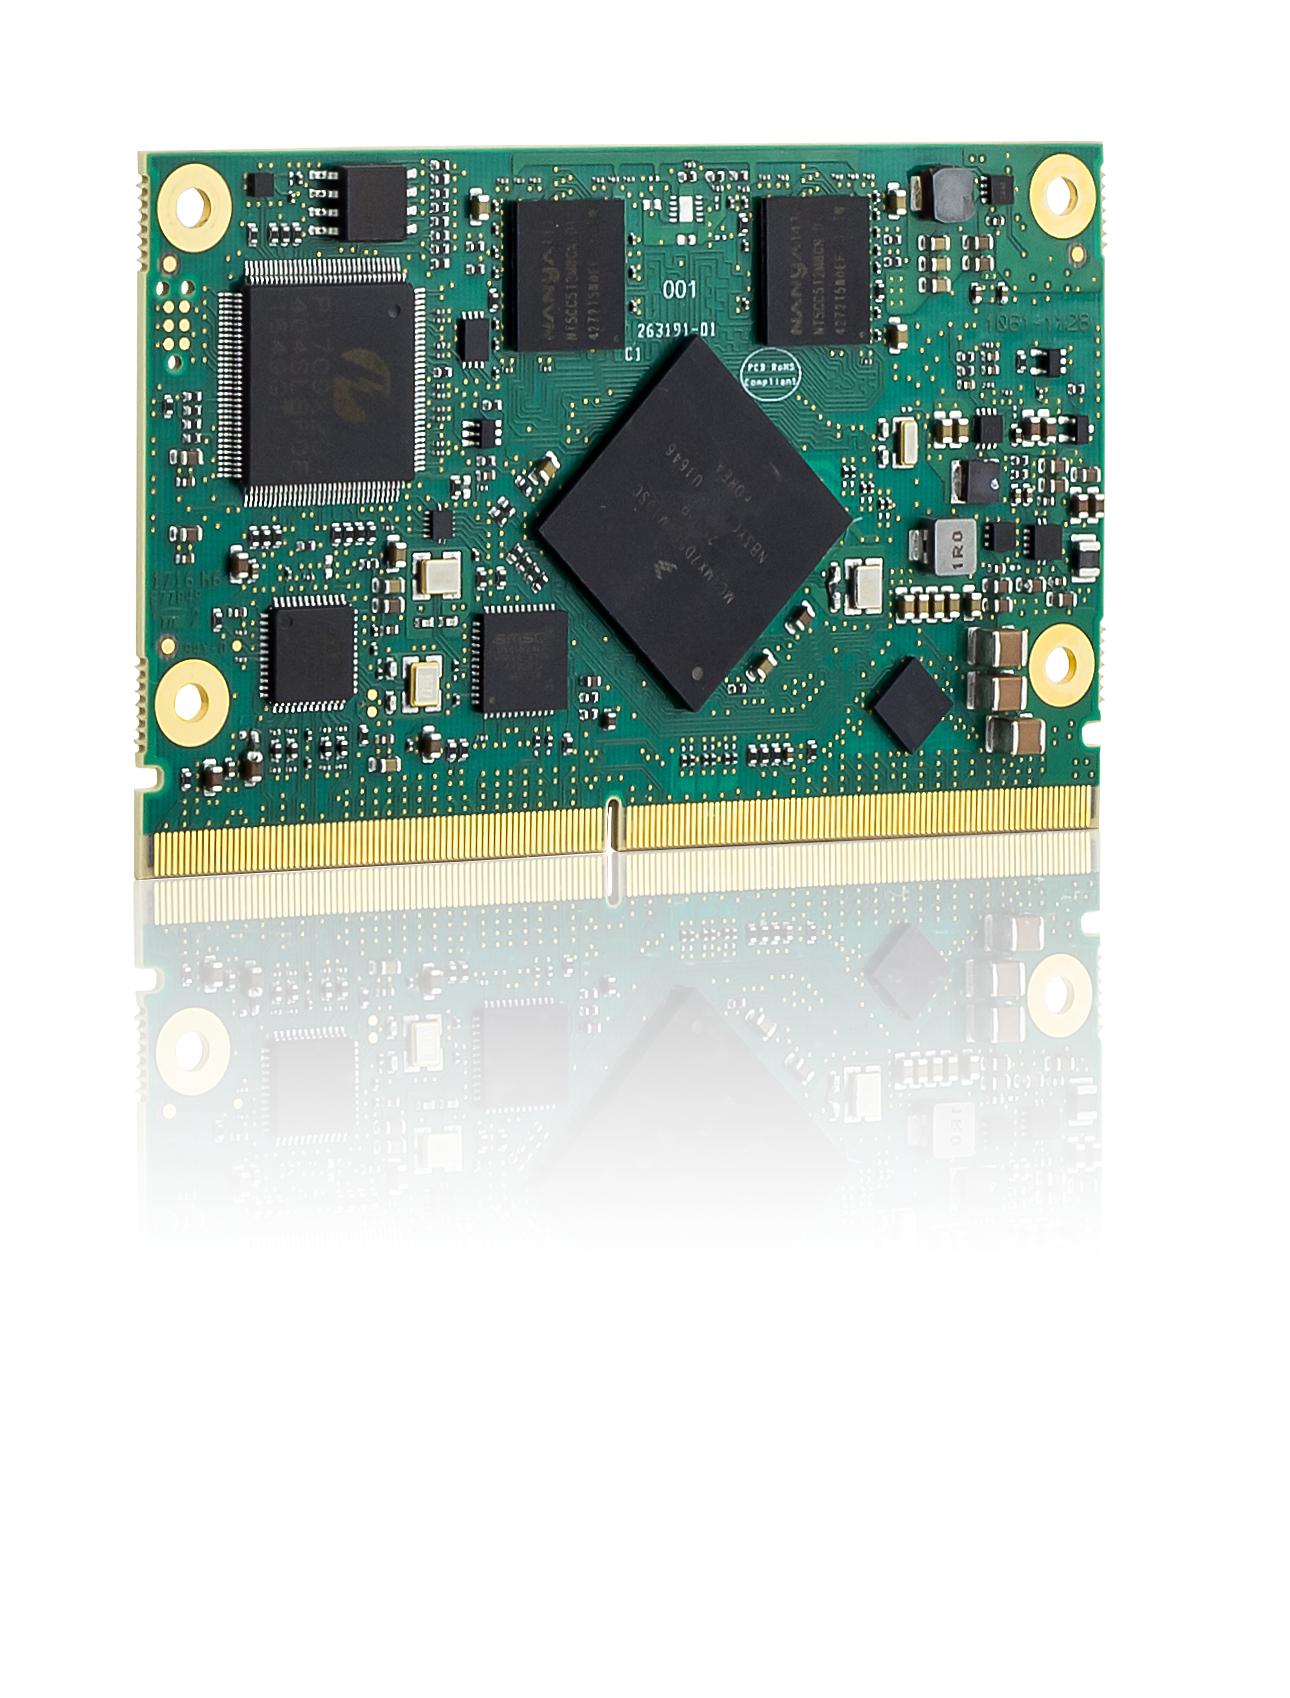 SMARC 2.0 Modul mit i.MX7 Prozessoren für intelligente Endgeräte